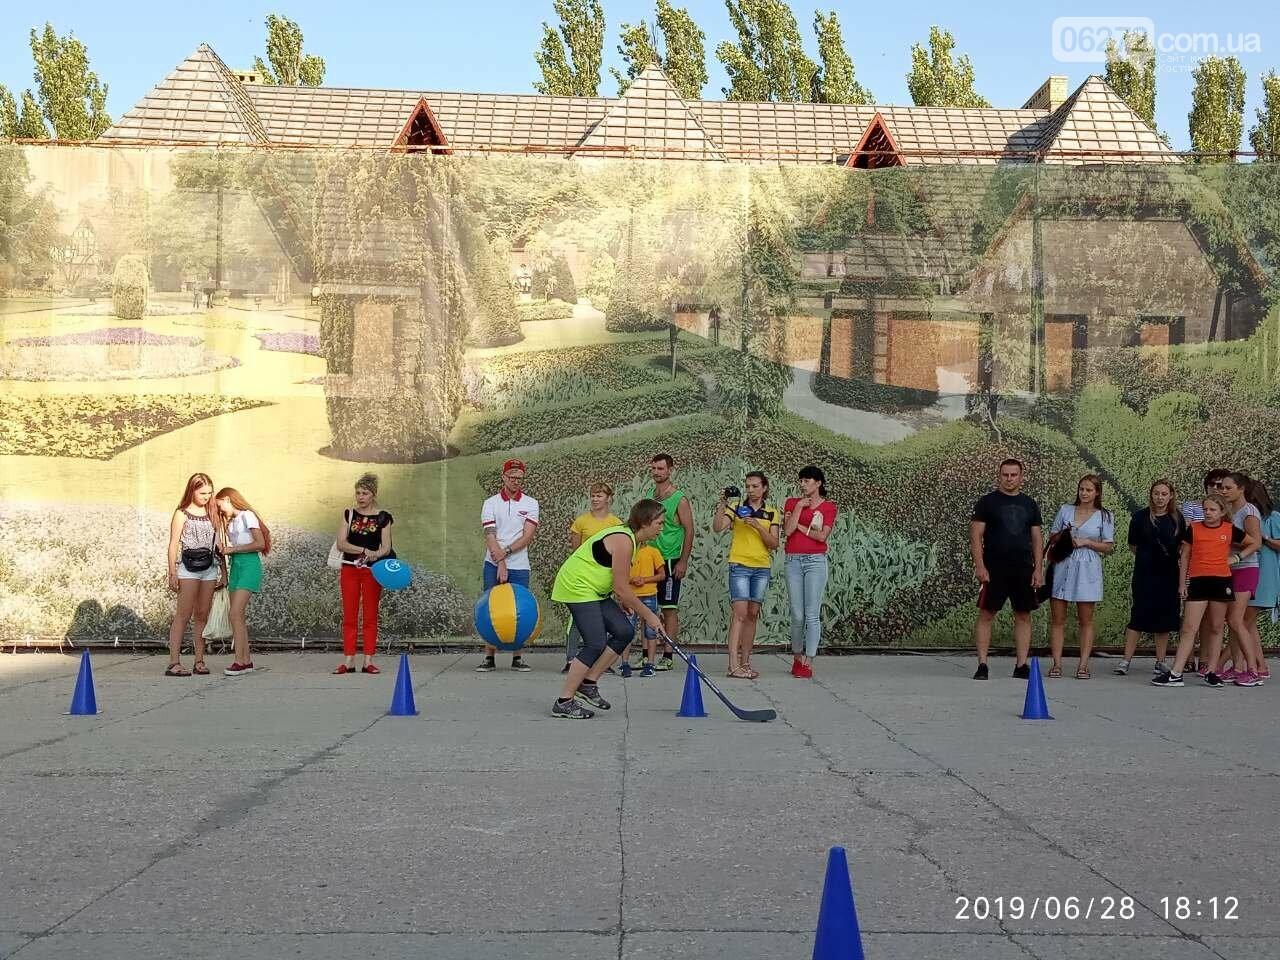 Сім'я із Костянтинівки стала найспортивнішою в Донецькій області, фото-10